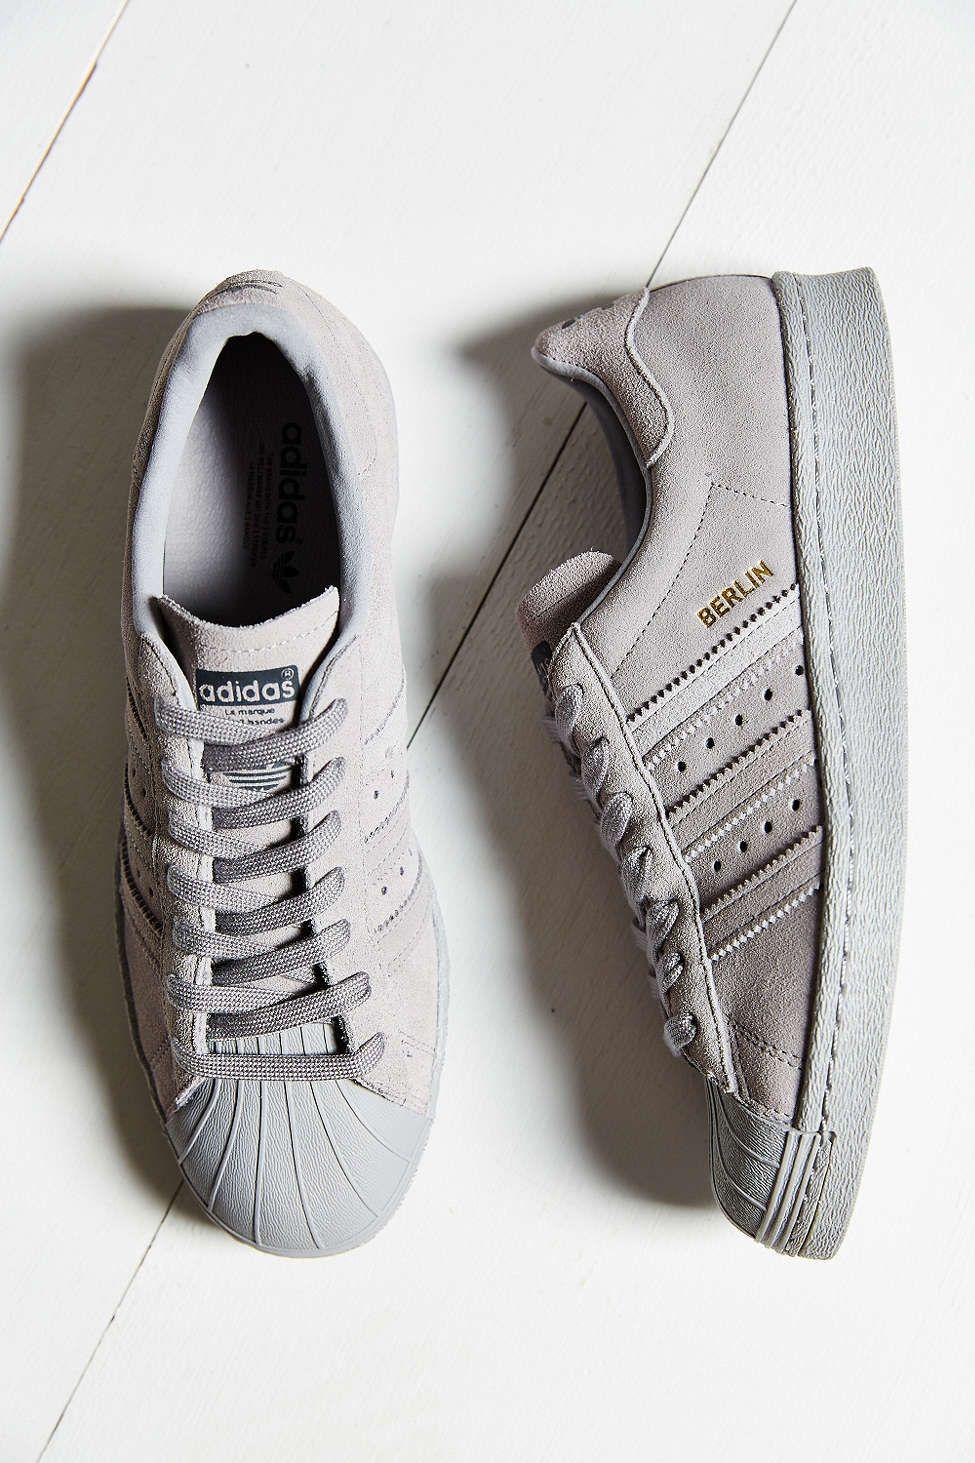 check out 4a315 81d9f adidas Originals Superstar City Pack Sneaker Basket Femme Tendance,  Chaussures Adidas, Chaussures Femme,